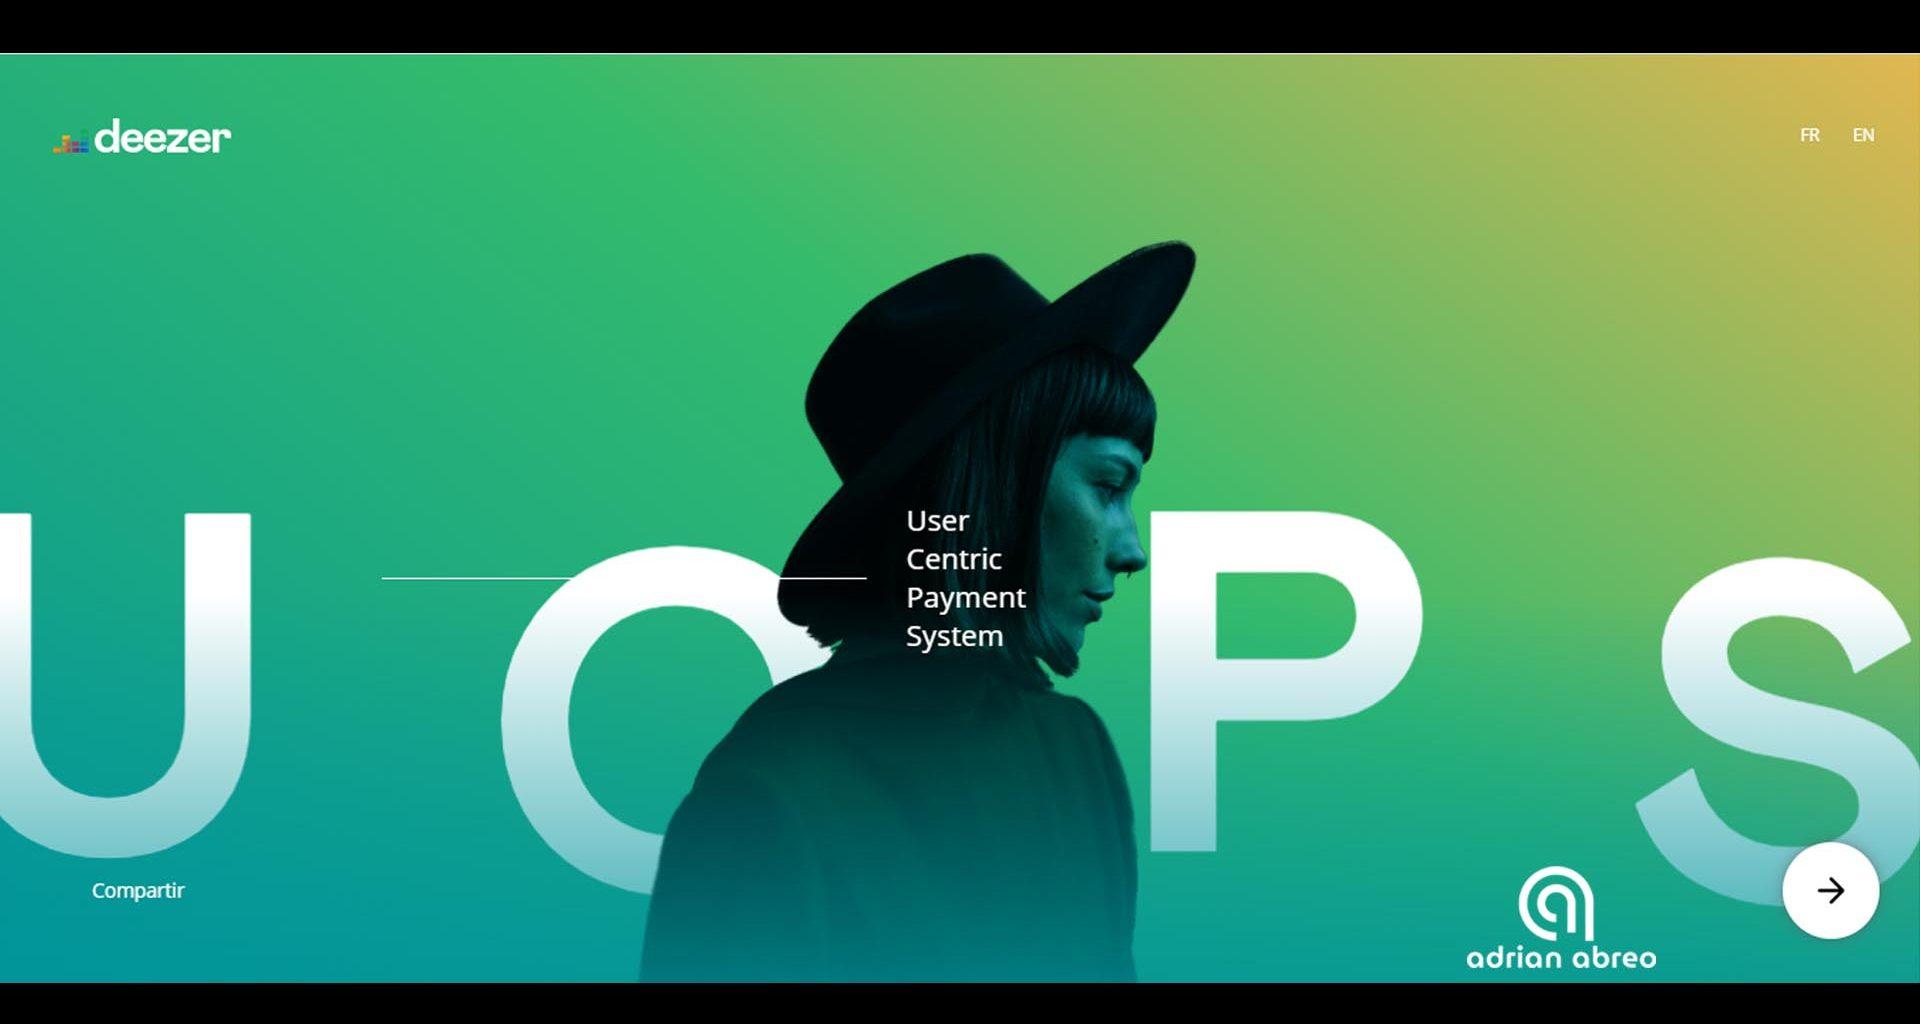 Deezer actúa y adopta el modelo UCPS que beneficia a los artistas.